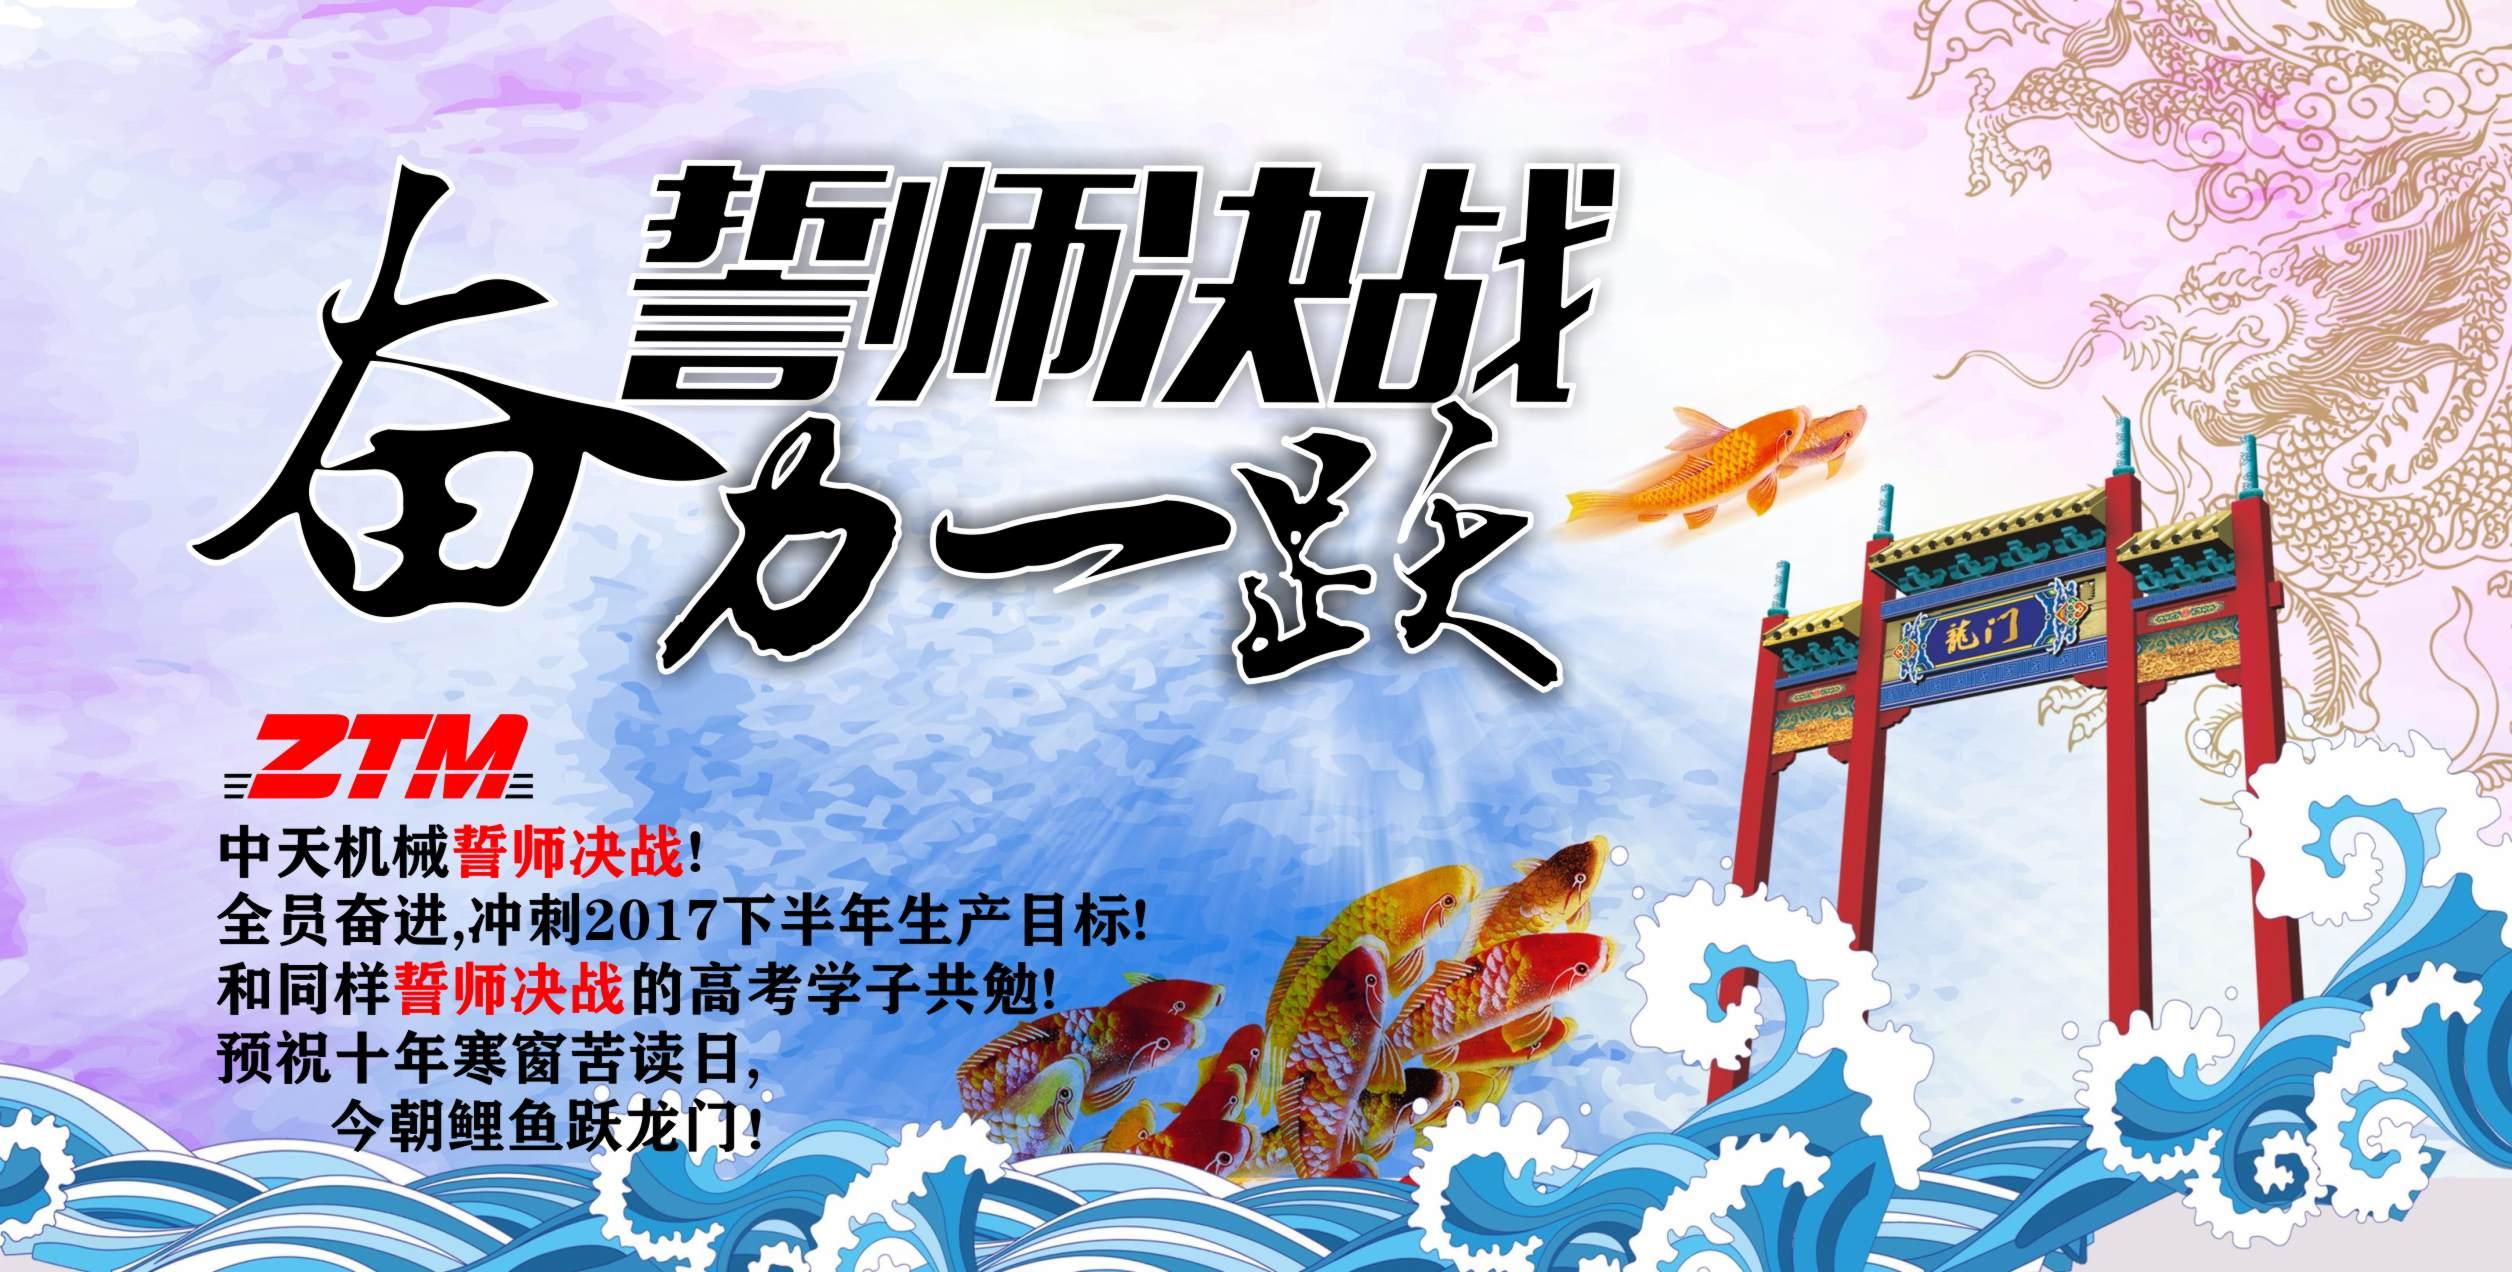 【中天机械海报】:誓师决战!和高考学子共勉!